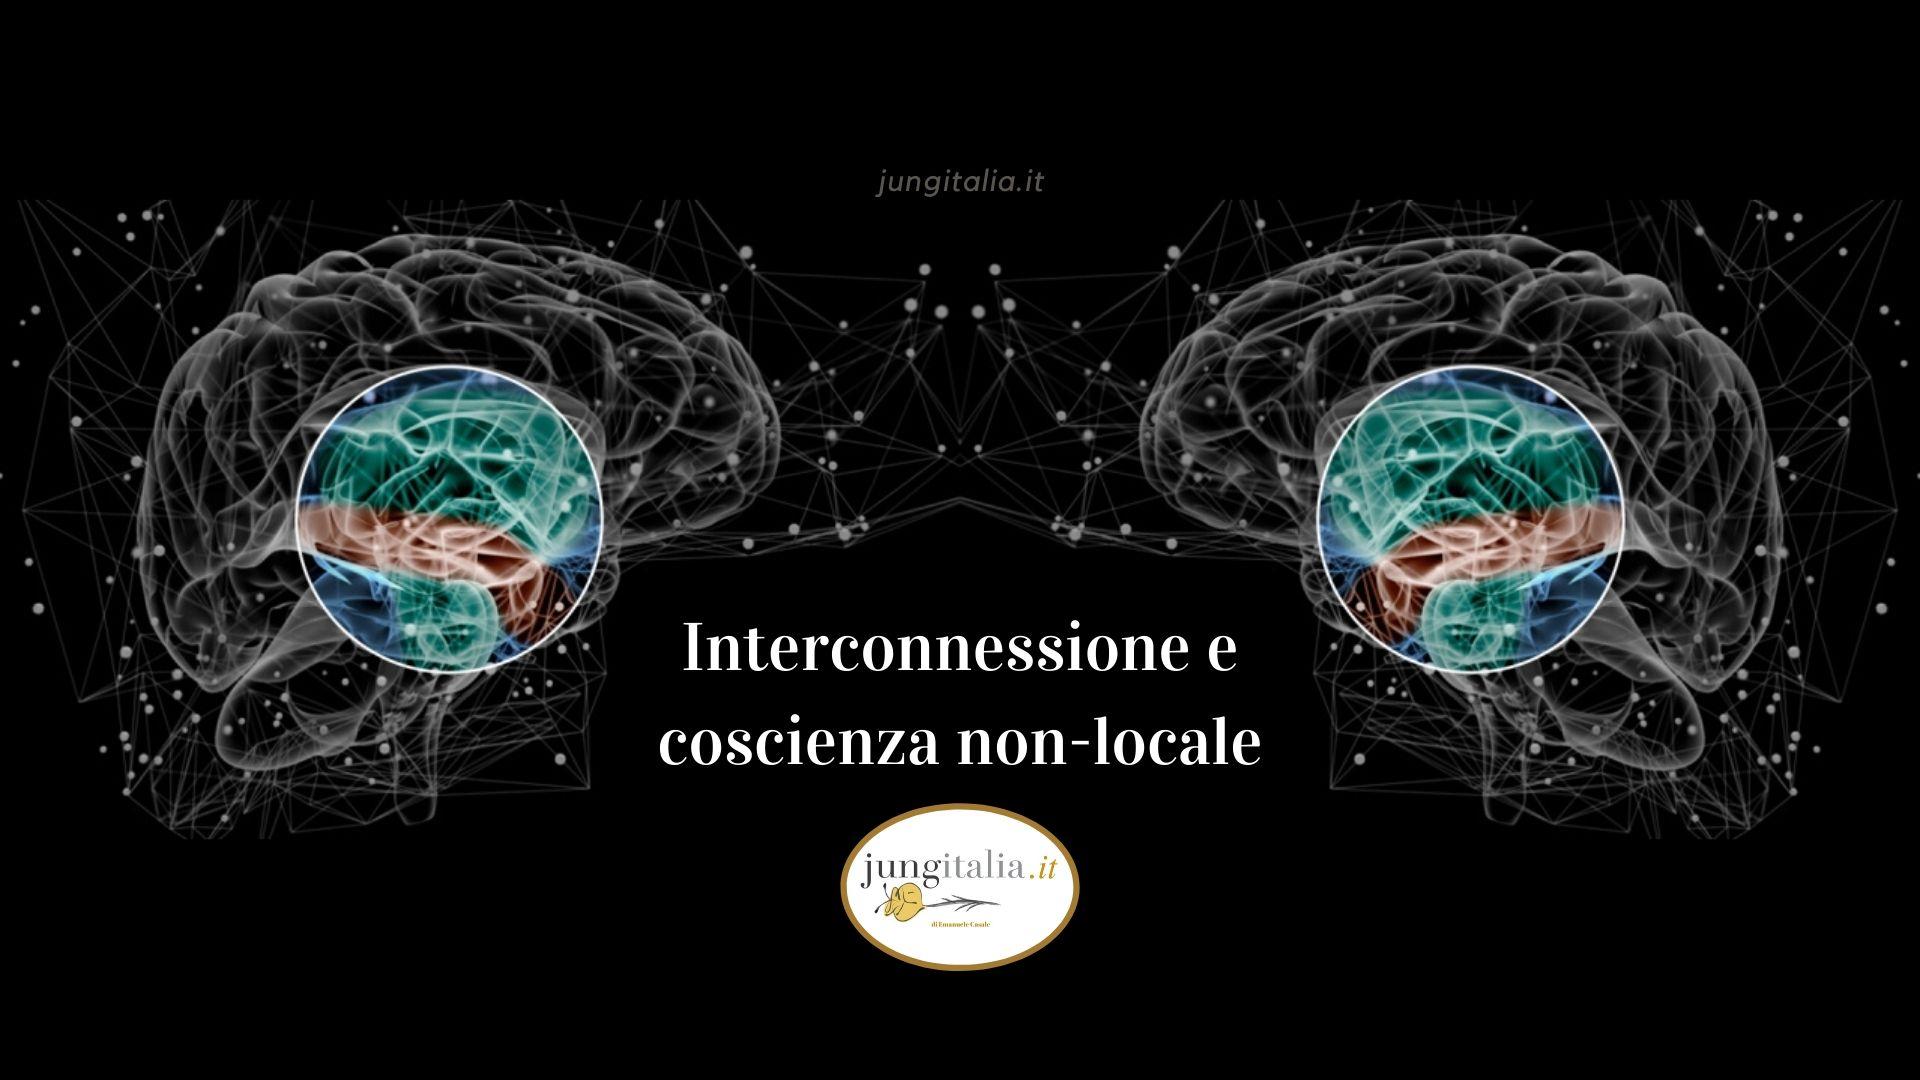 Telepatia coscienza non locale interconnessione